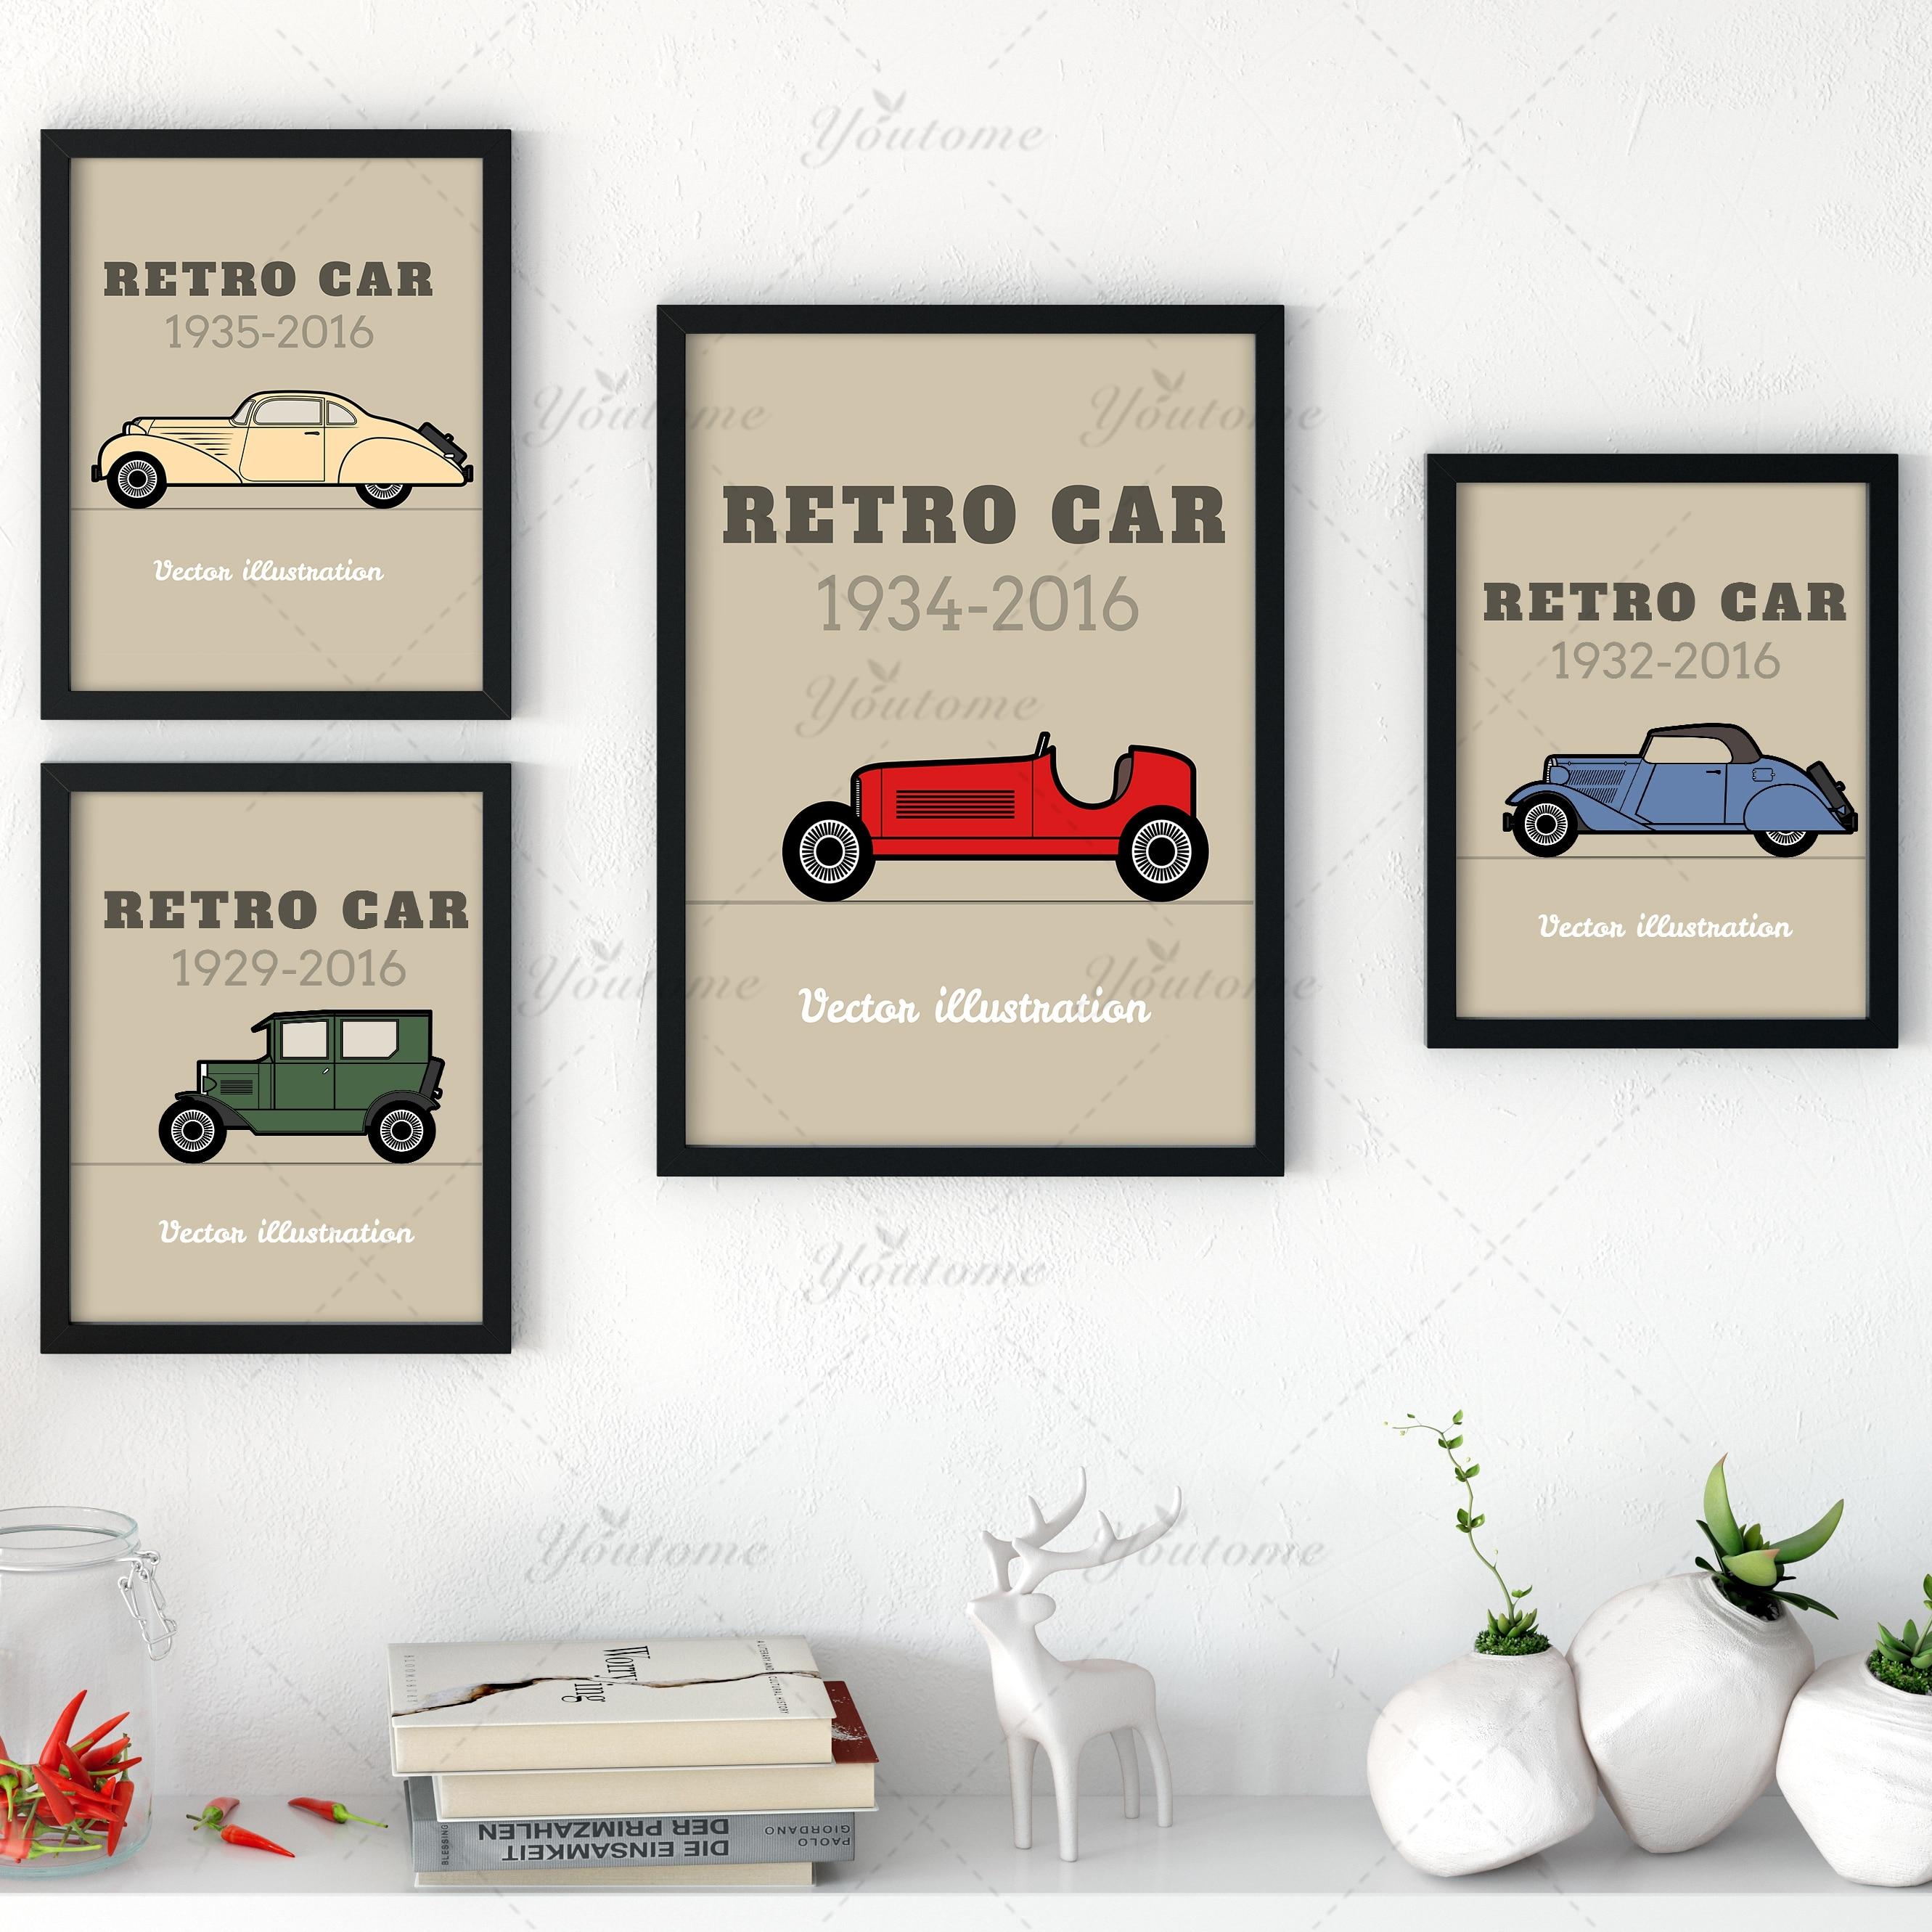 92 Koleksi Gambar Rumah Dan Mobil Kartun Gratis Terbaru